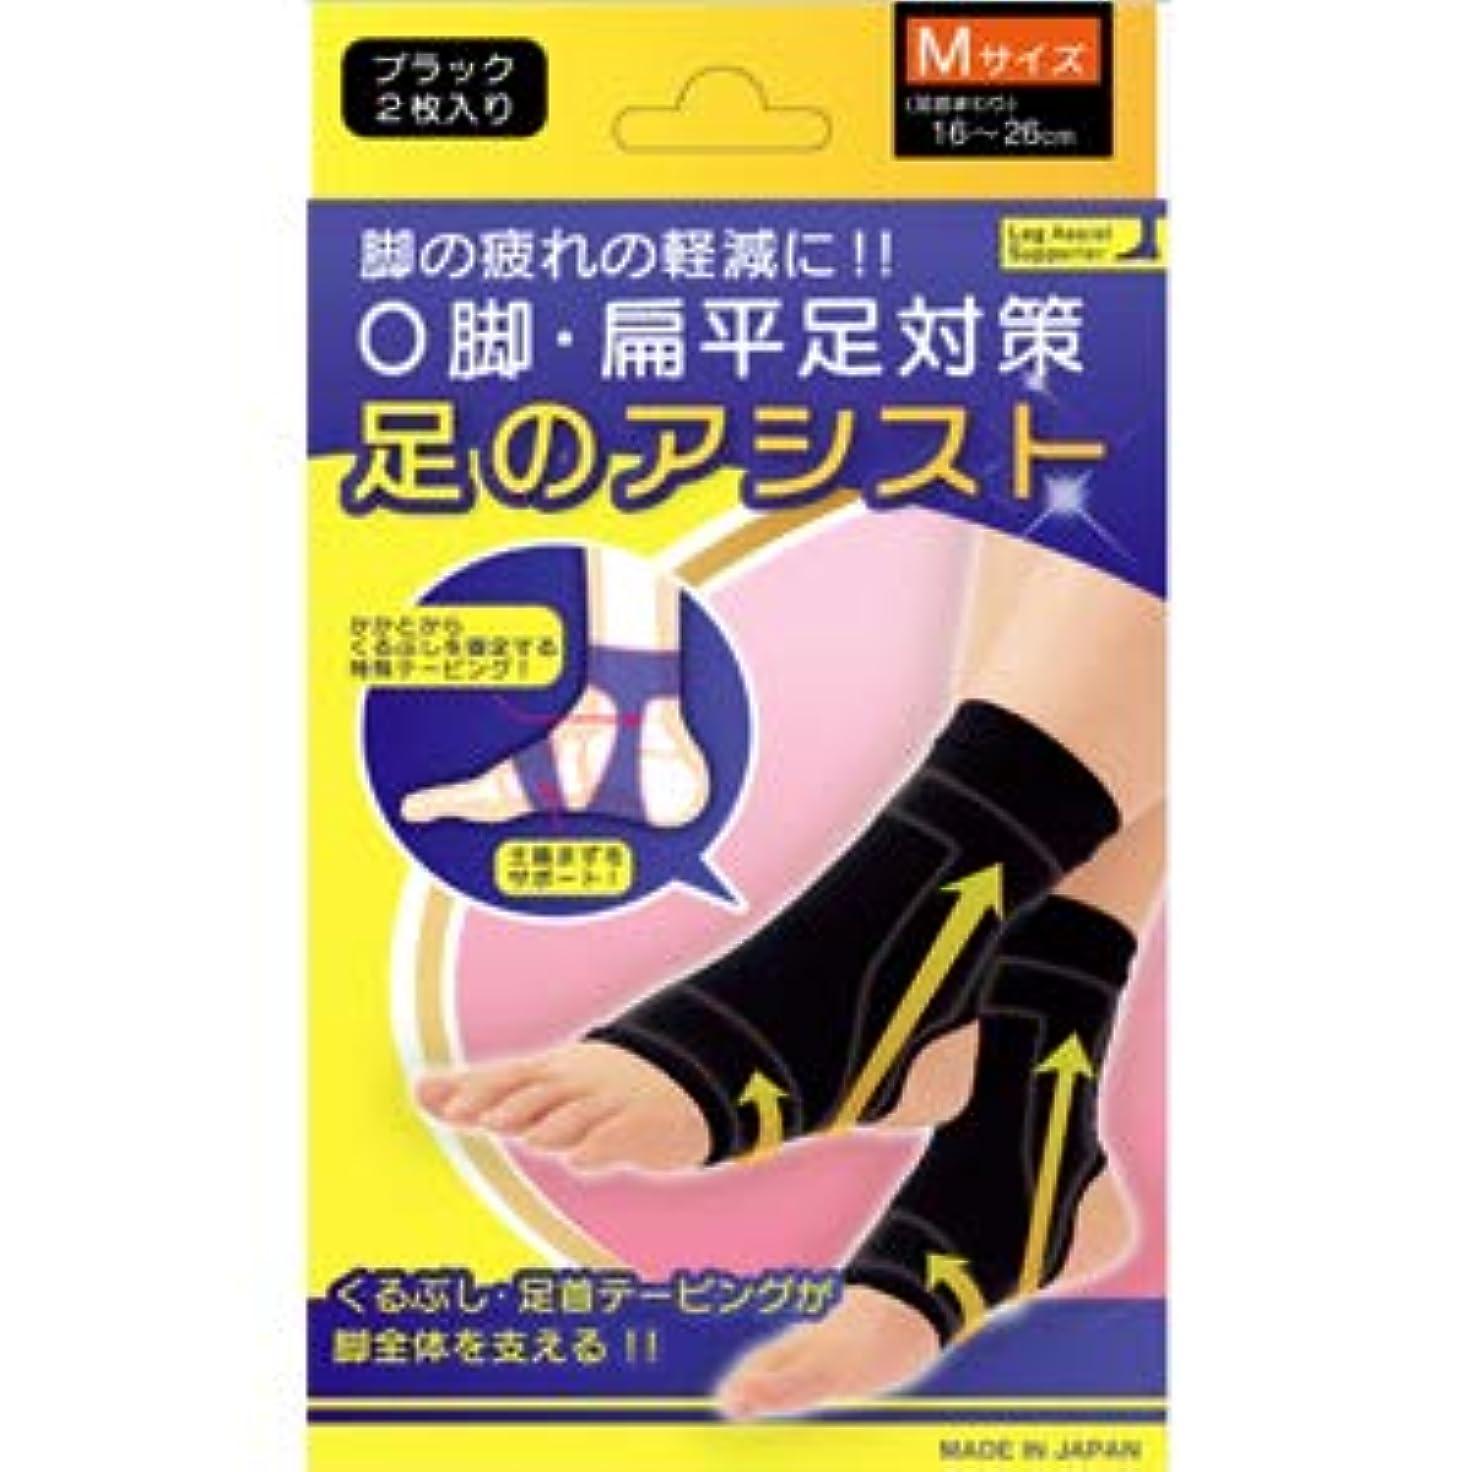 受粉するリズム回転する美脚足のアシスト ブラック 2枚入り Mサイズ(足首まわり16~26cm)